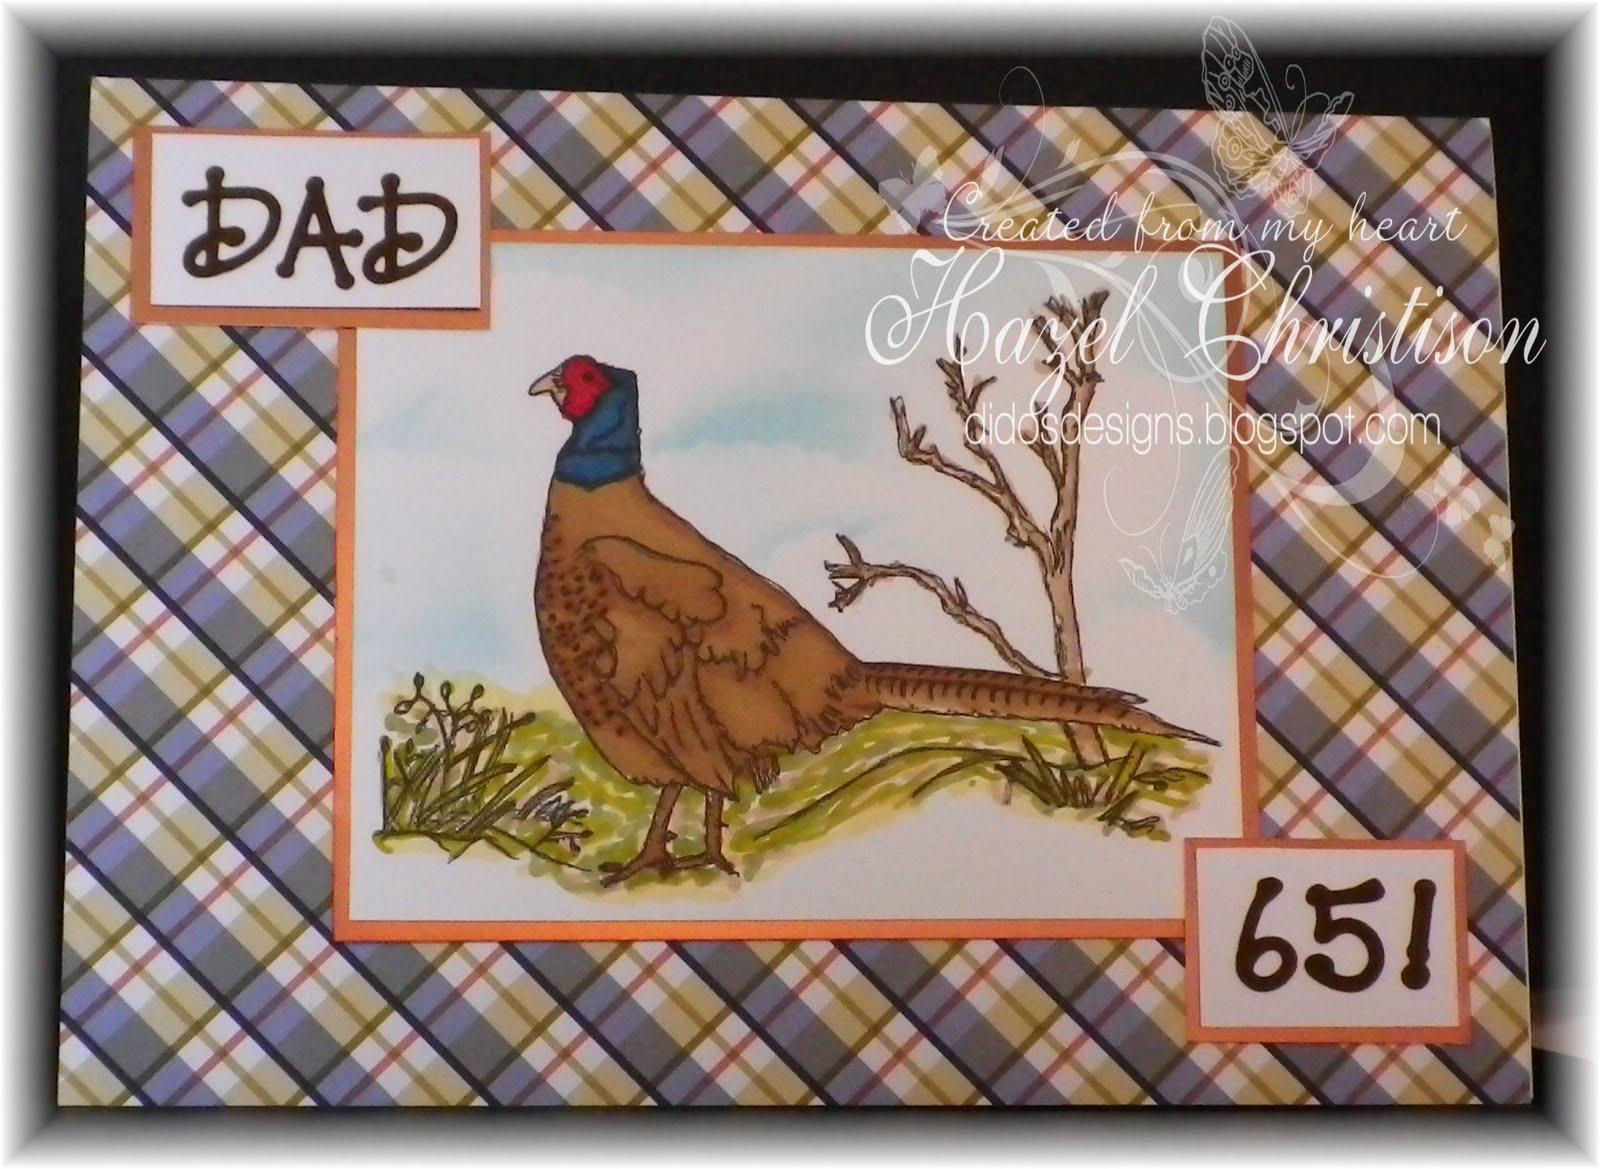 http://4.bp.blogspot.com/-cDbc7ZX0lLI/TbrJythWzII/AAAAAAAAFHo/csADDe10DRY/s1600/Cards+By+Dido%2527s+Designs+003.JPG